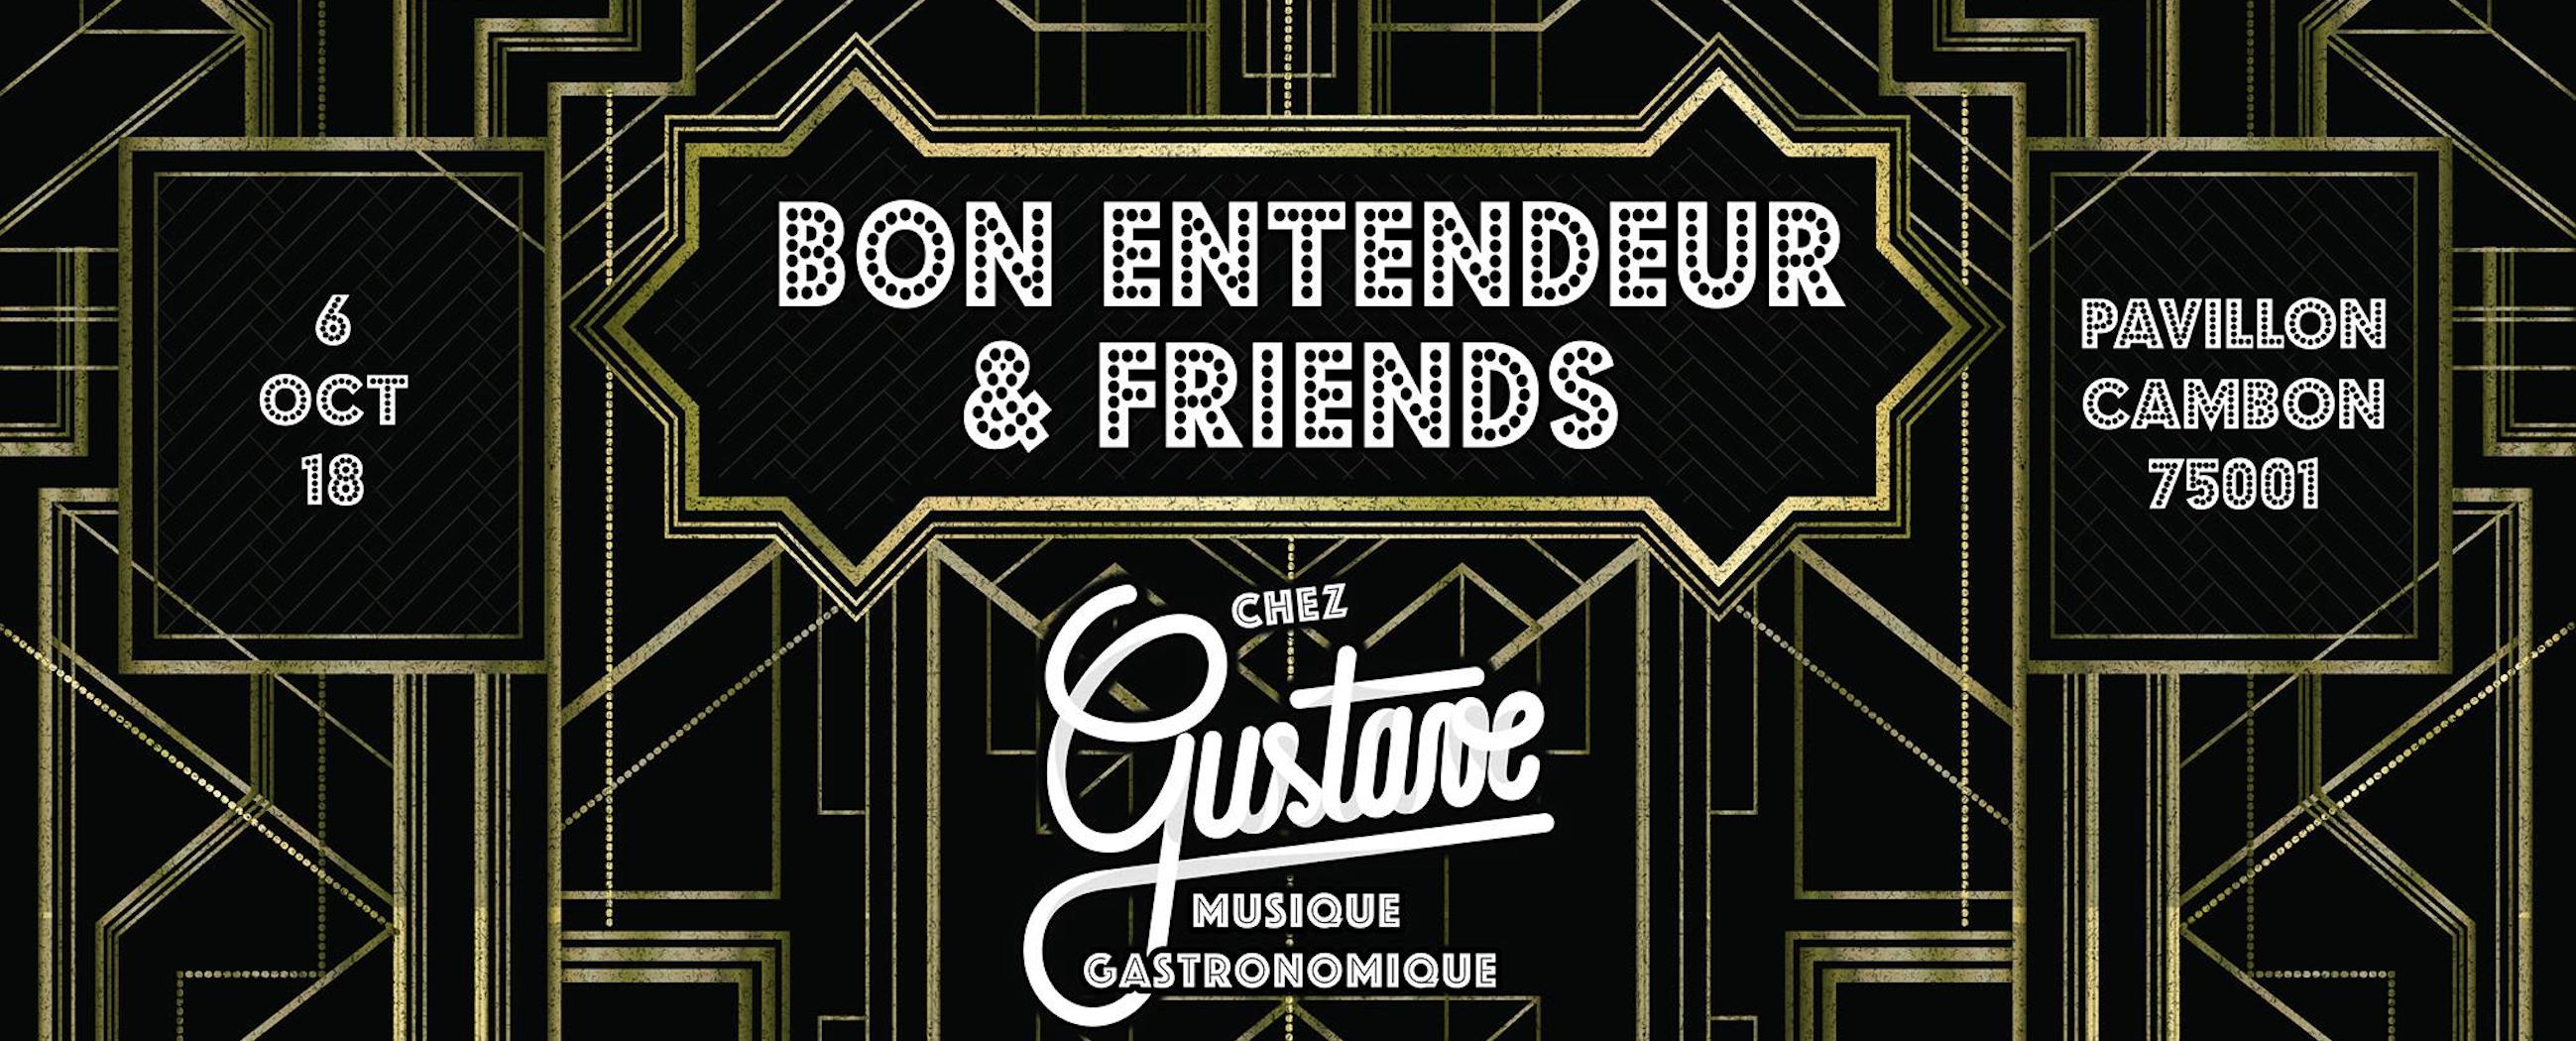 Chez Gustave invite Bon Entendeur & friends